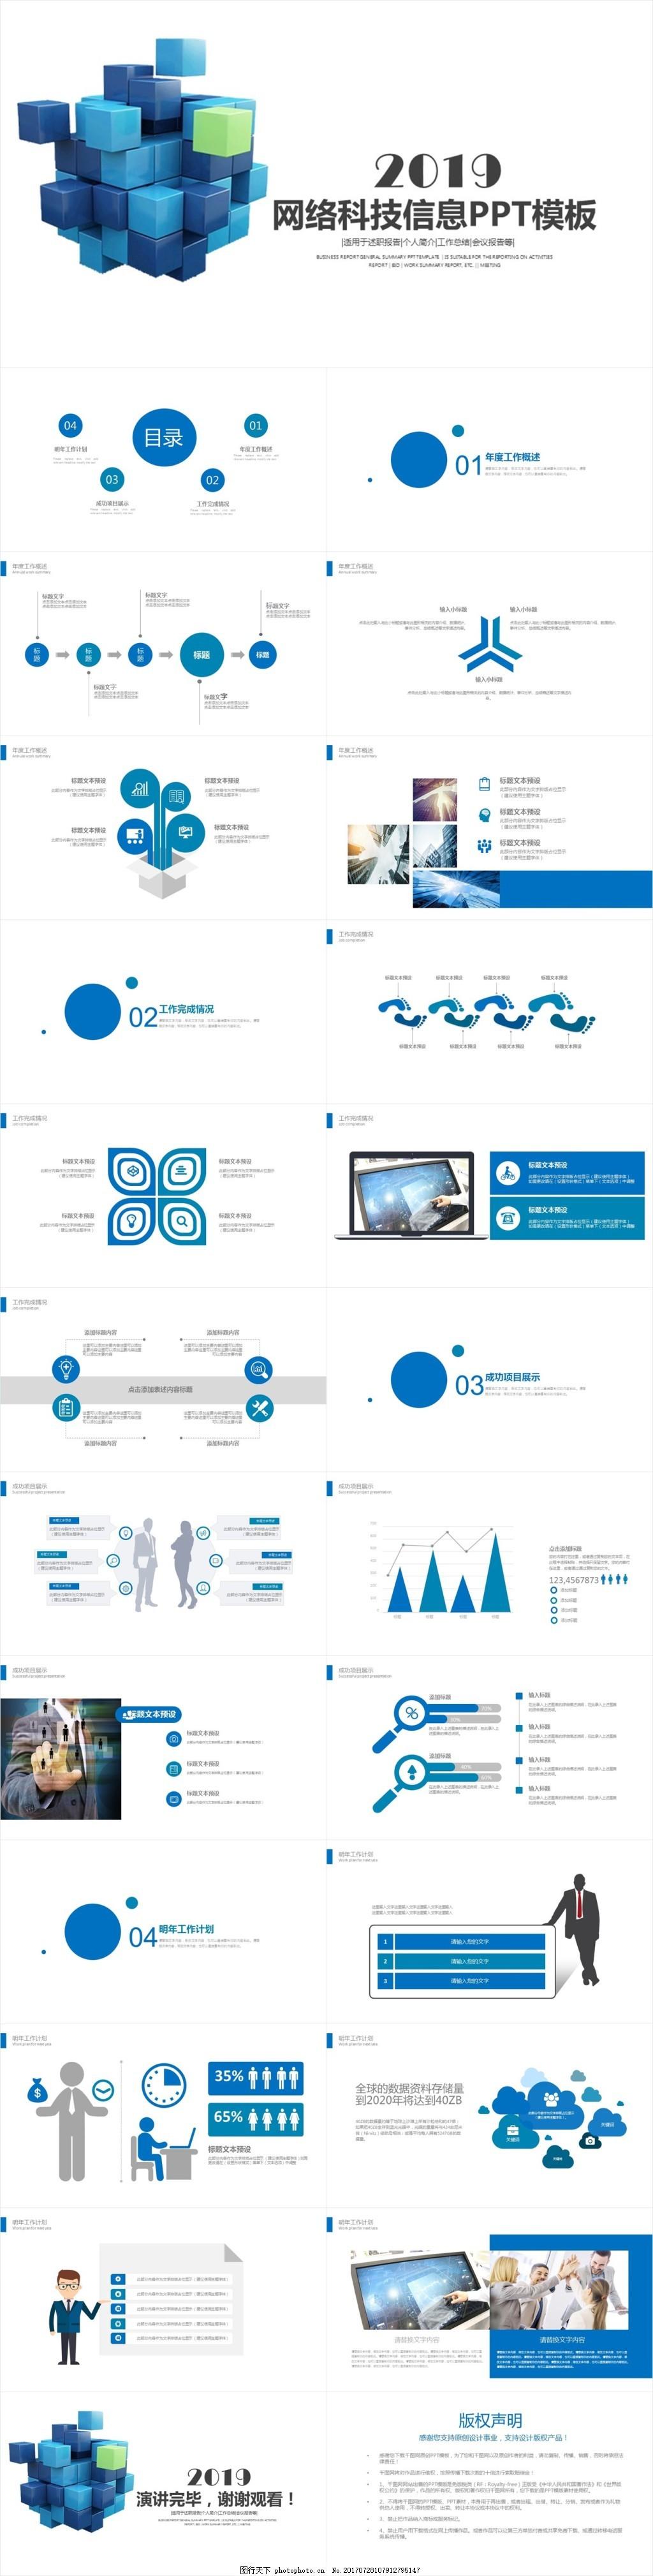 2019网络科技信息工作总结PPT模板 工作汇报 工作报告 动态模板